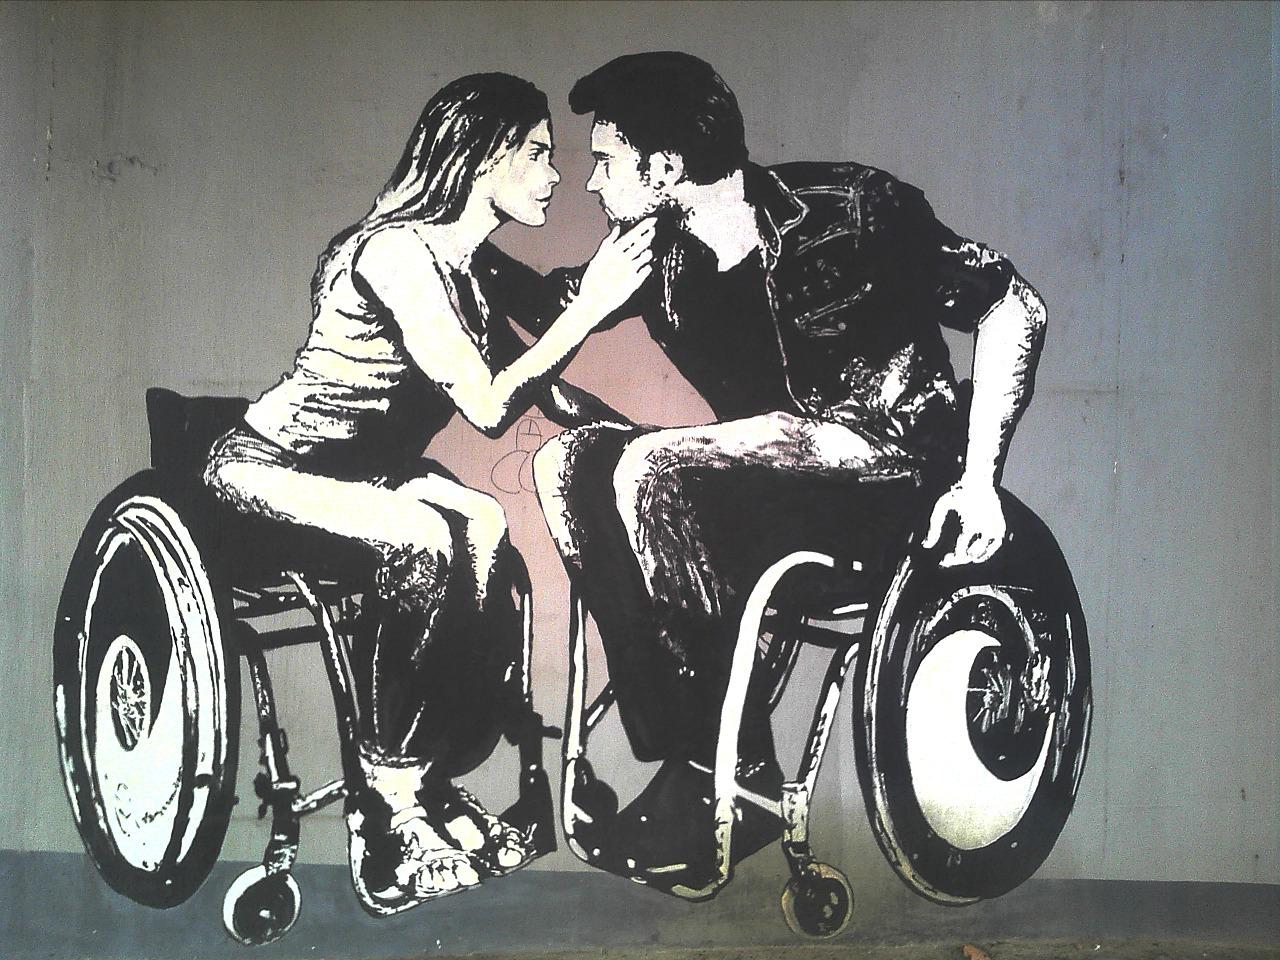 Ο Δημήτρης Στεργίου αποκαλύπτει άλλη μια …αναπηρία του πελατειακού κράτους. Ανάπηροι μαϊμού λυμαίνονται το διαχρονικά το δημόσιο χρήμα. Τα στοιχεία συγκλονίζουν. Η Ελλάδα εμφανίζεται να είναι μια χώρα κατά το ήμισυ ανάπηρη… new deal